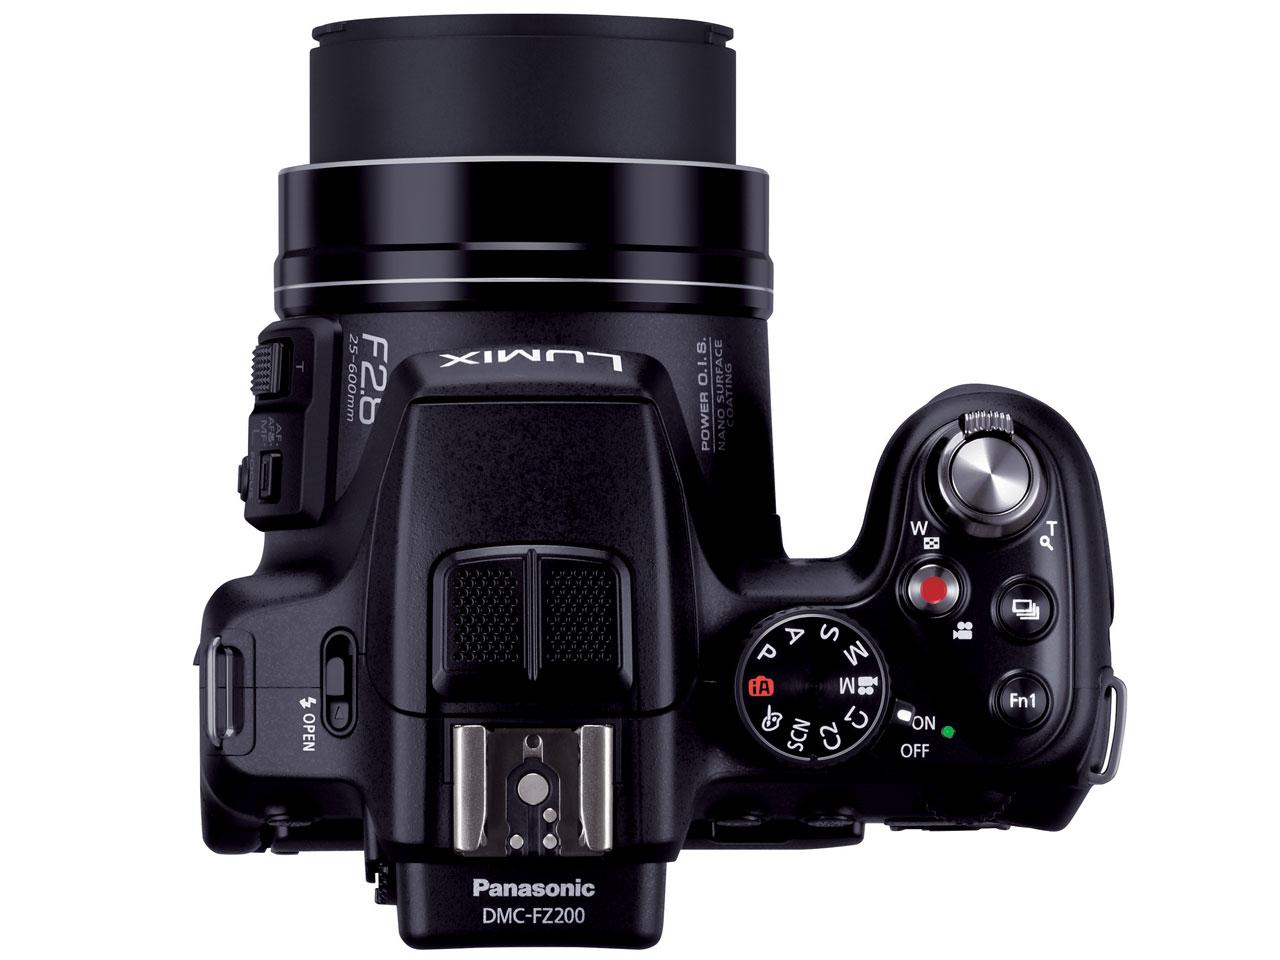 『本体 上面』 LUMIX DMC-FZ200 の製品画像